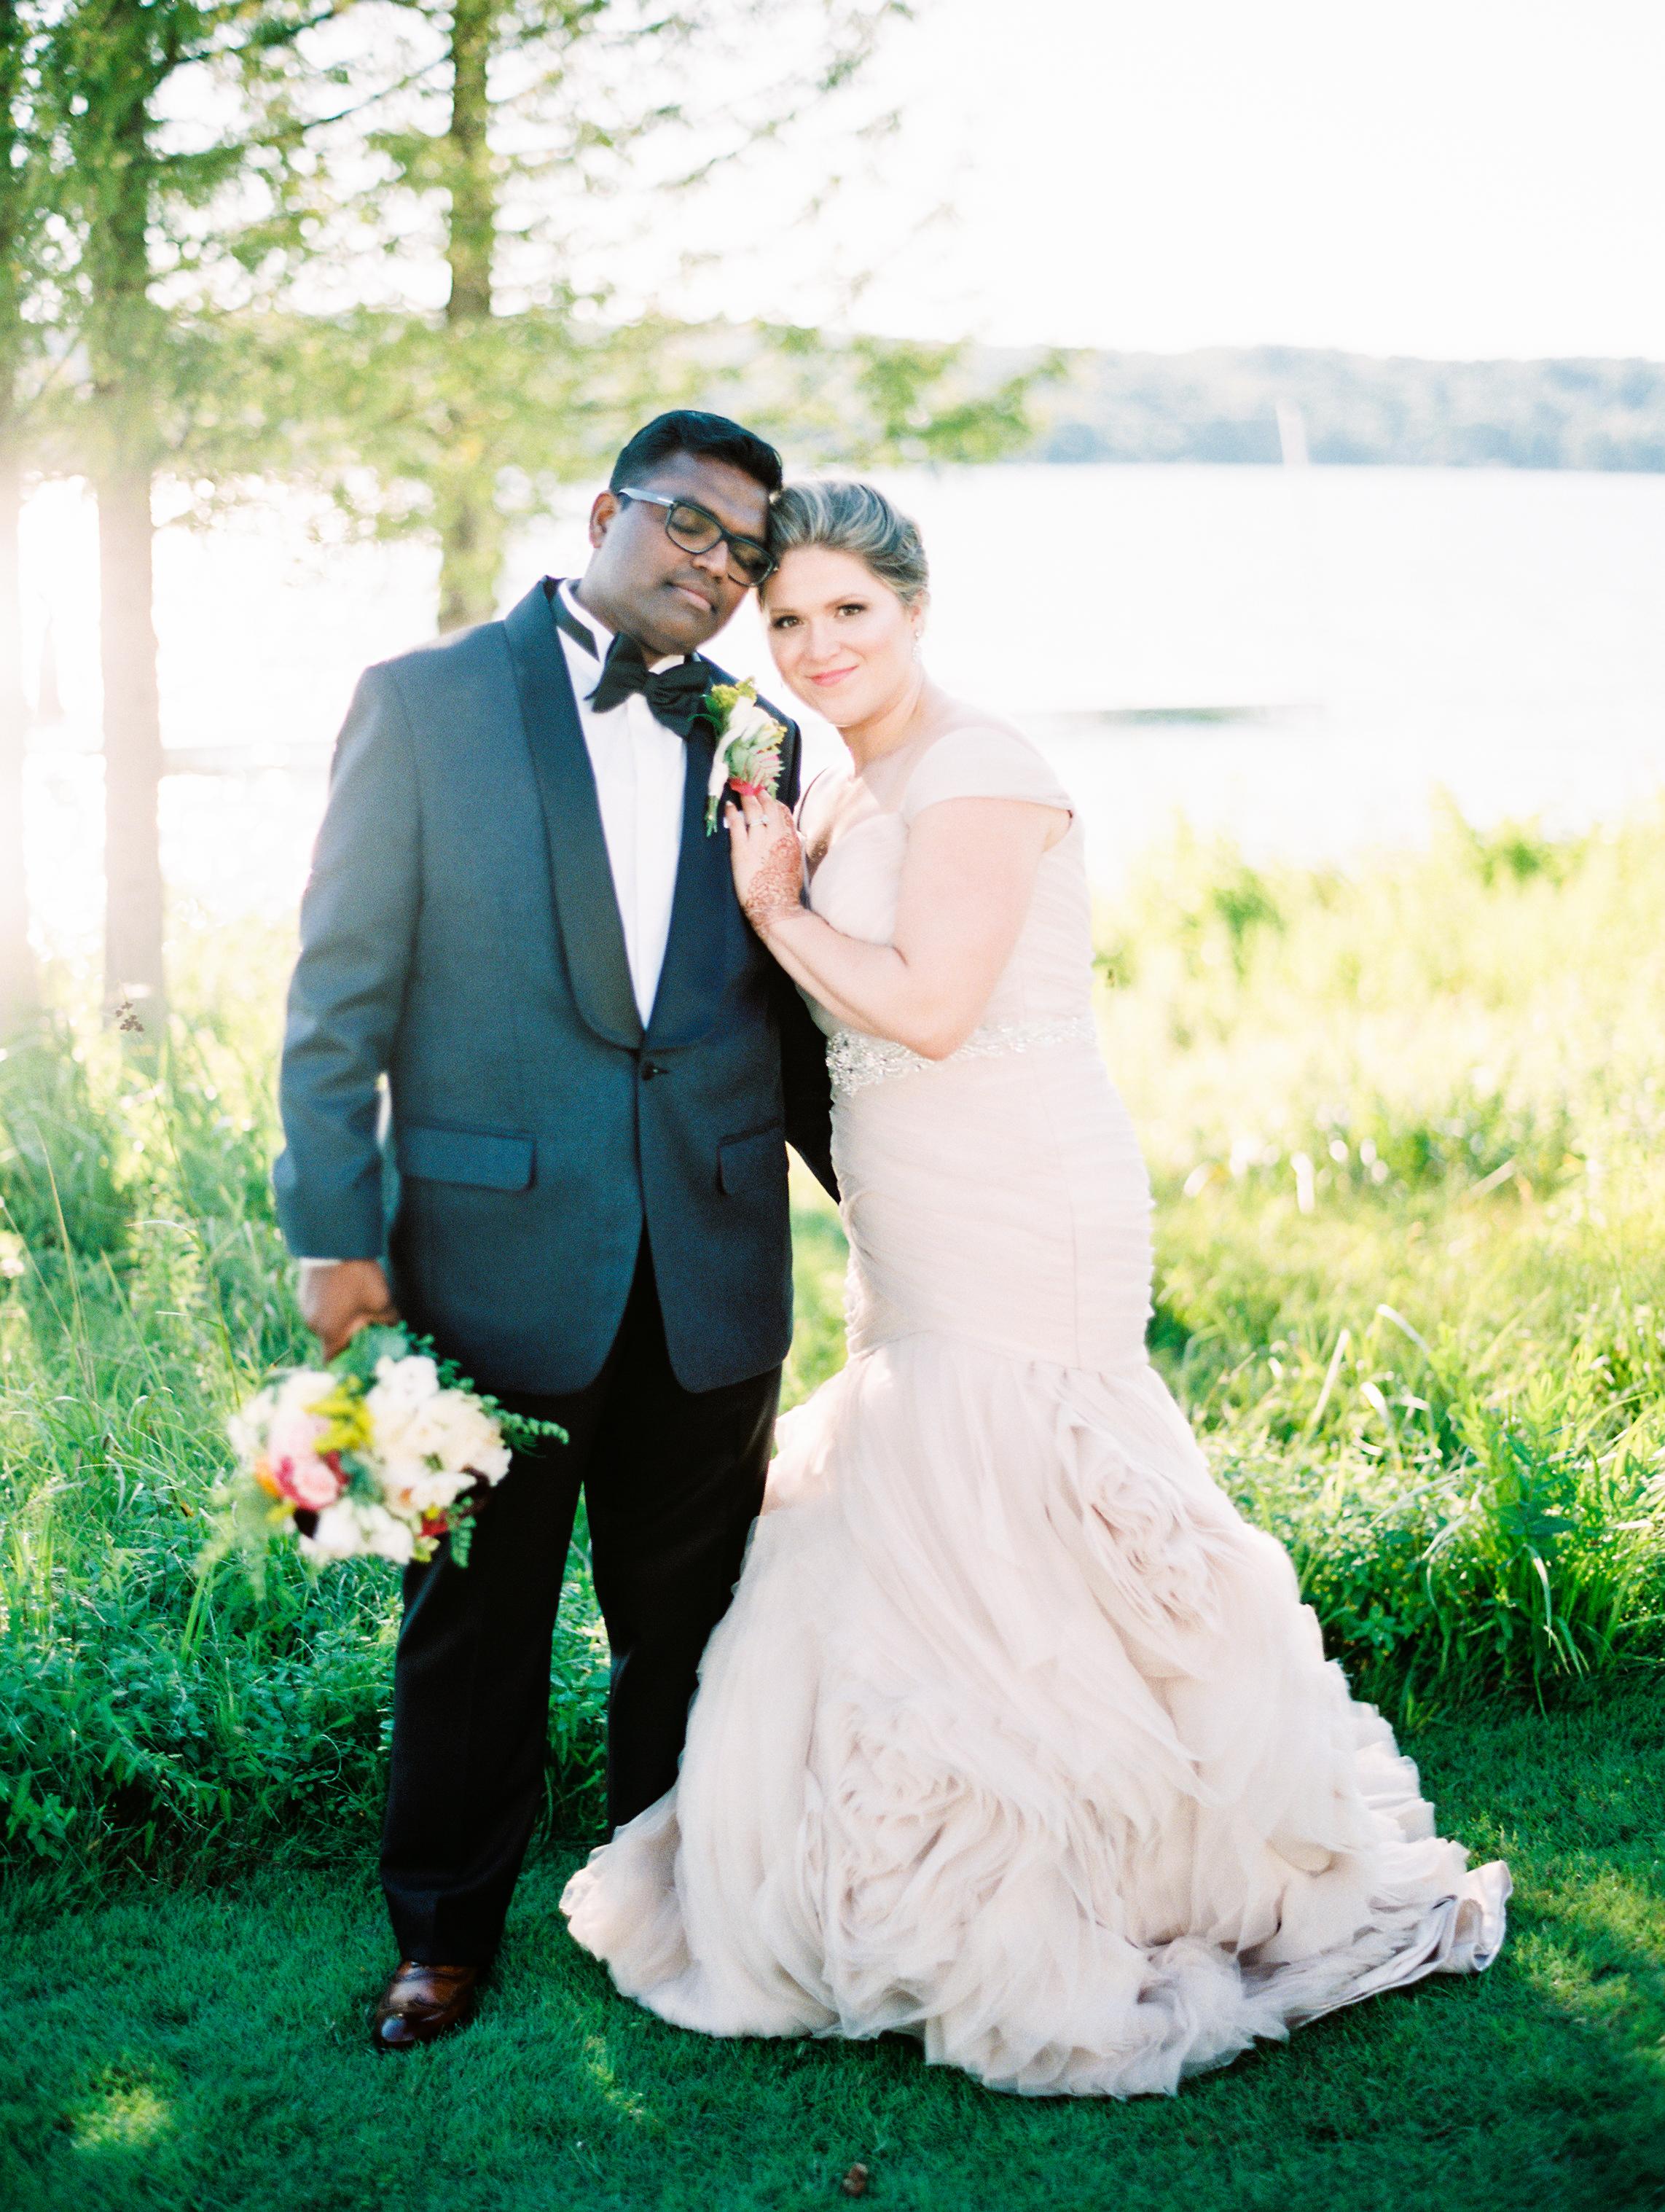 Govathoti+Wedding+Bridal+Partyb-9.jpg